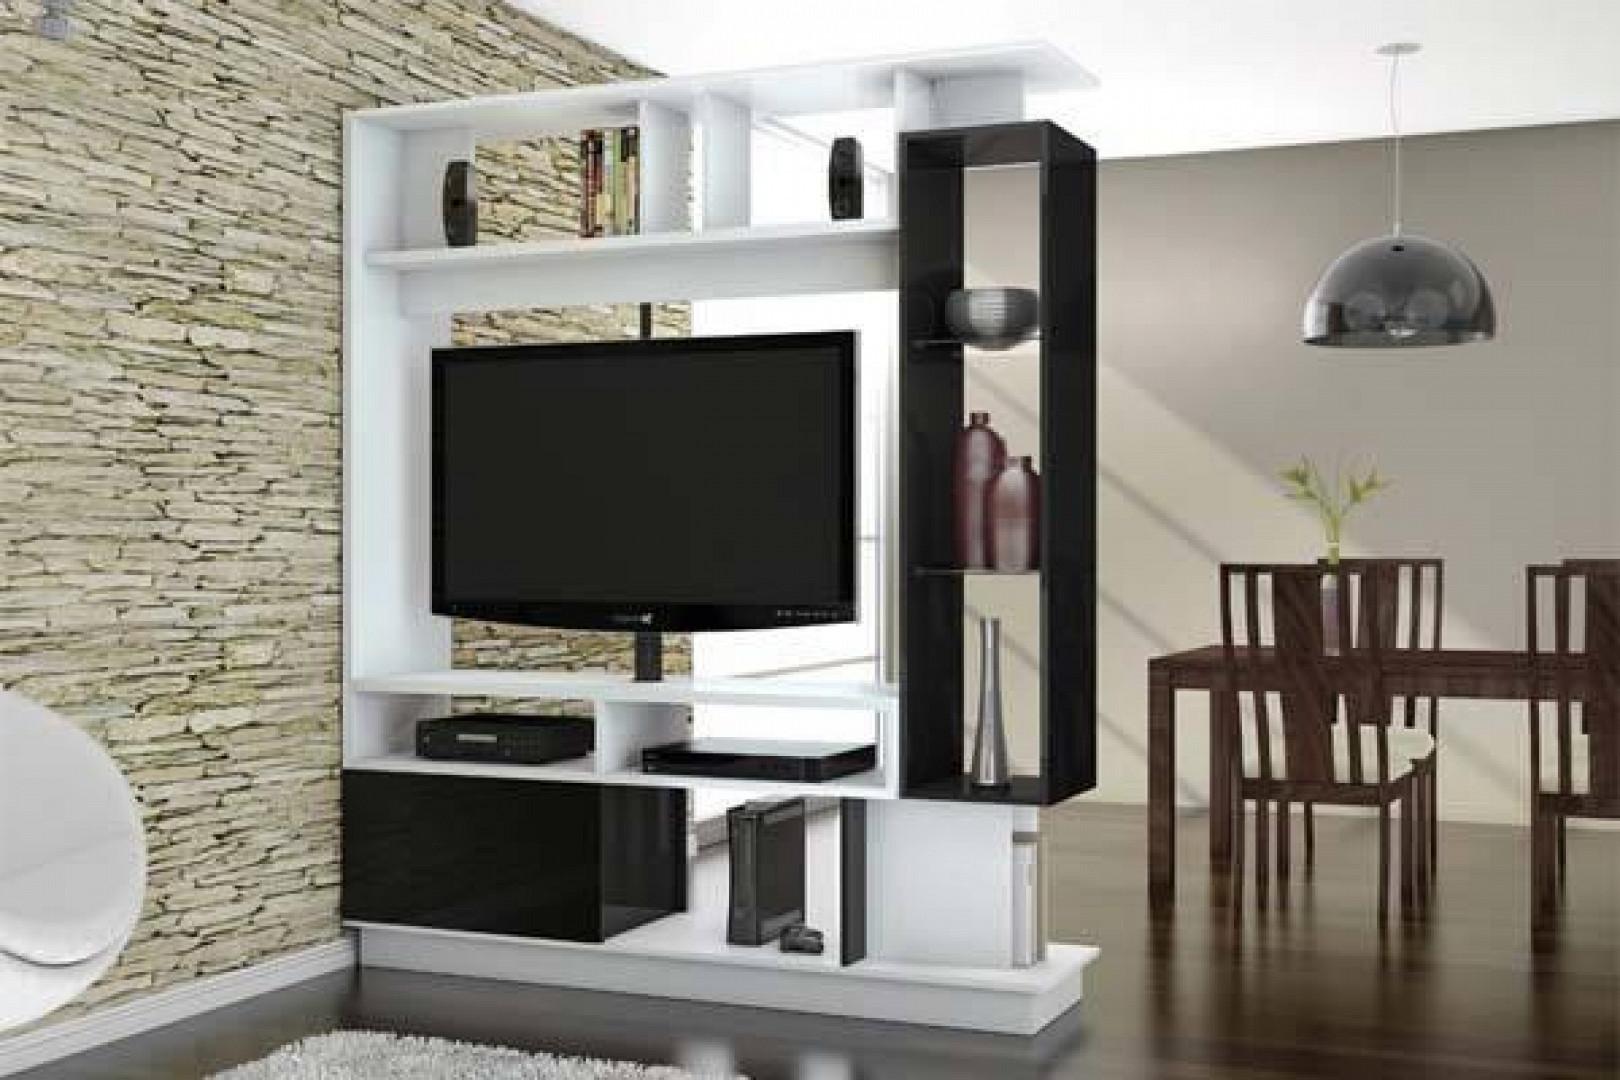 Giratorio 360 muebles contreras - Mueble giratorio para tv ...